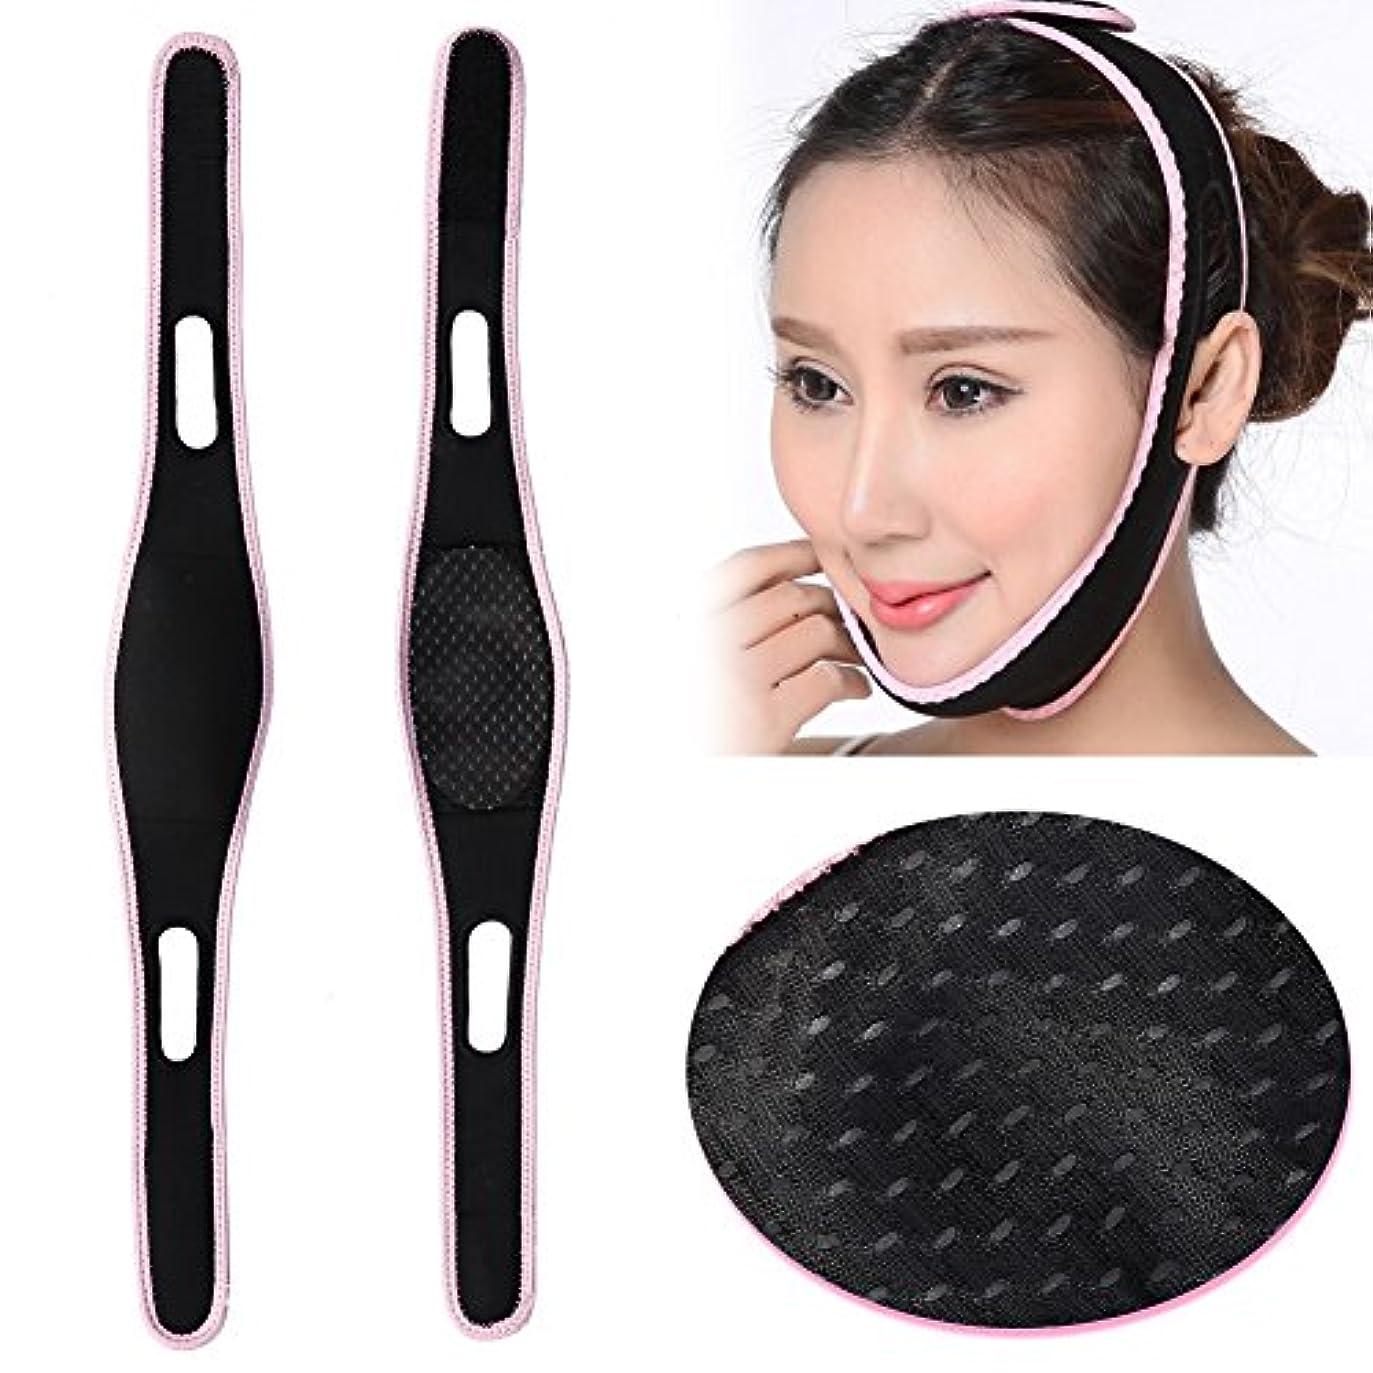 マイコン言い訳イブニング小顔マスク あごの首を細くするフェイスリフトマスクマッサージシェイパーフェイス包帯矯正ベルトを持ち上げる